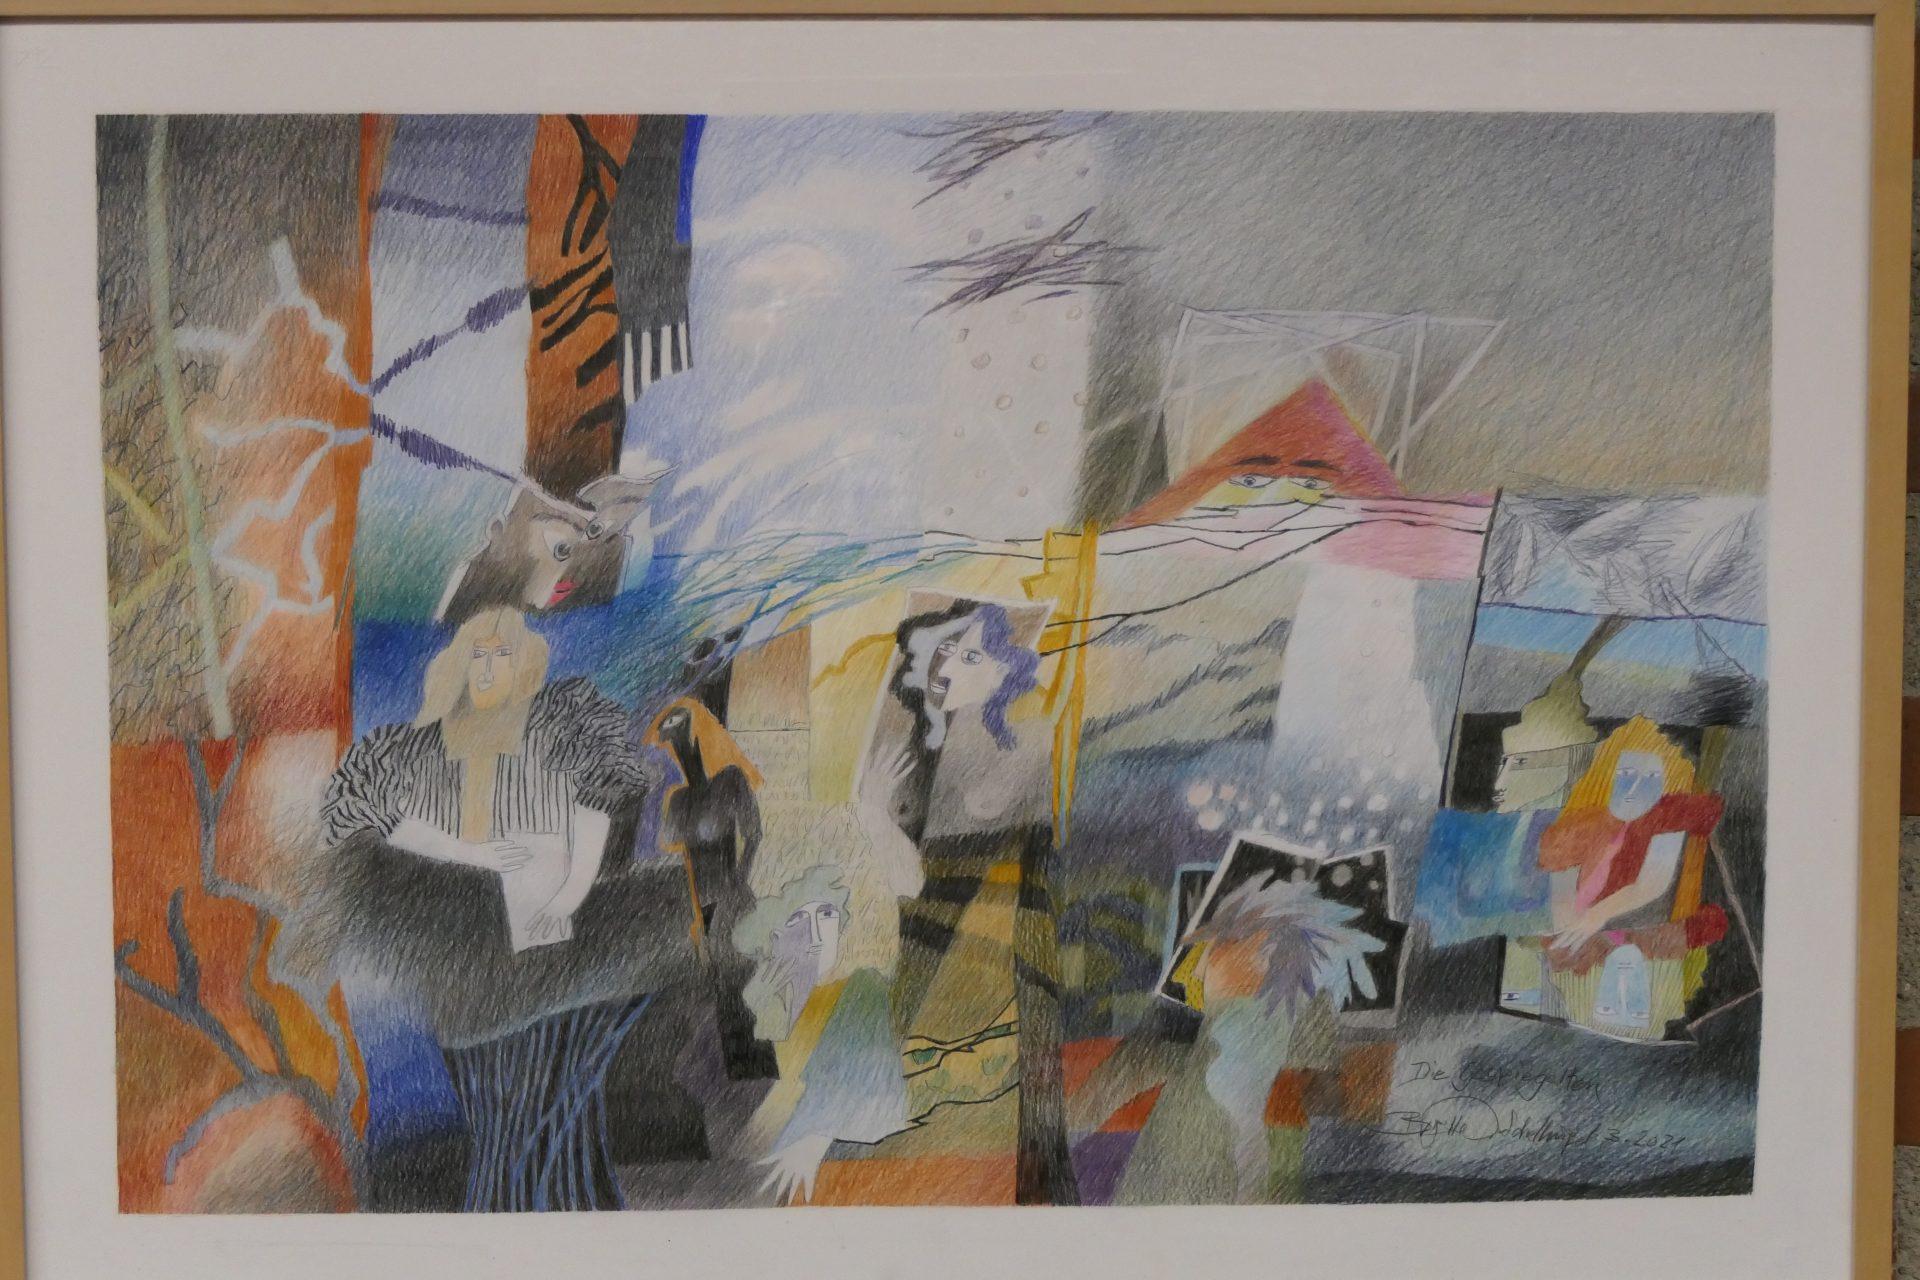 Die gespiegelten von Brigitte Doege Schellinger,Stift auf Papier